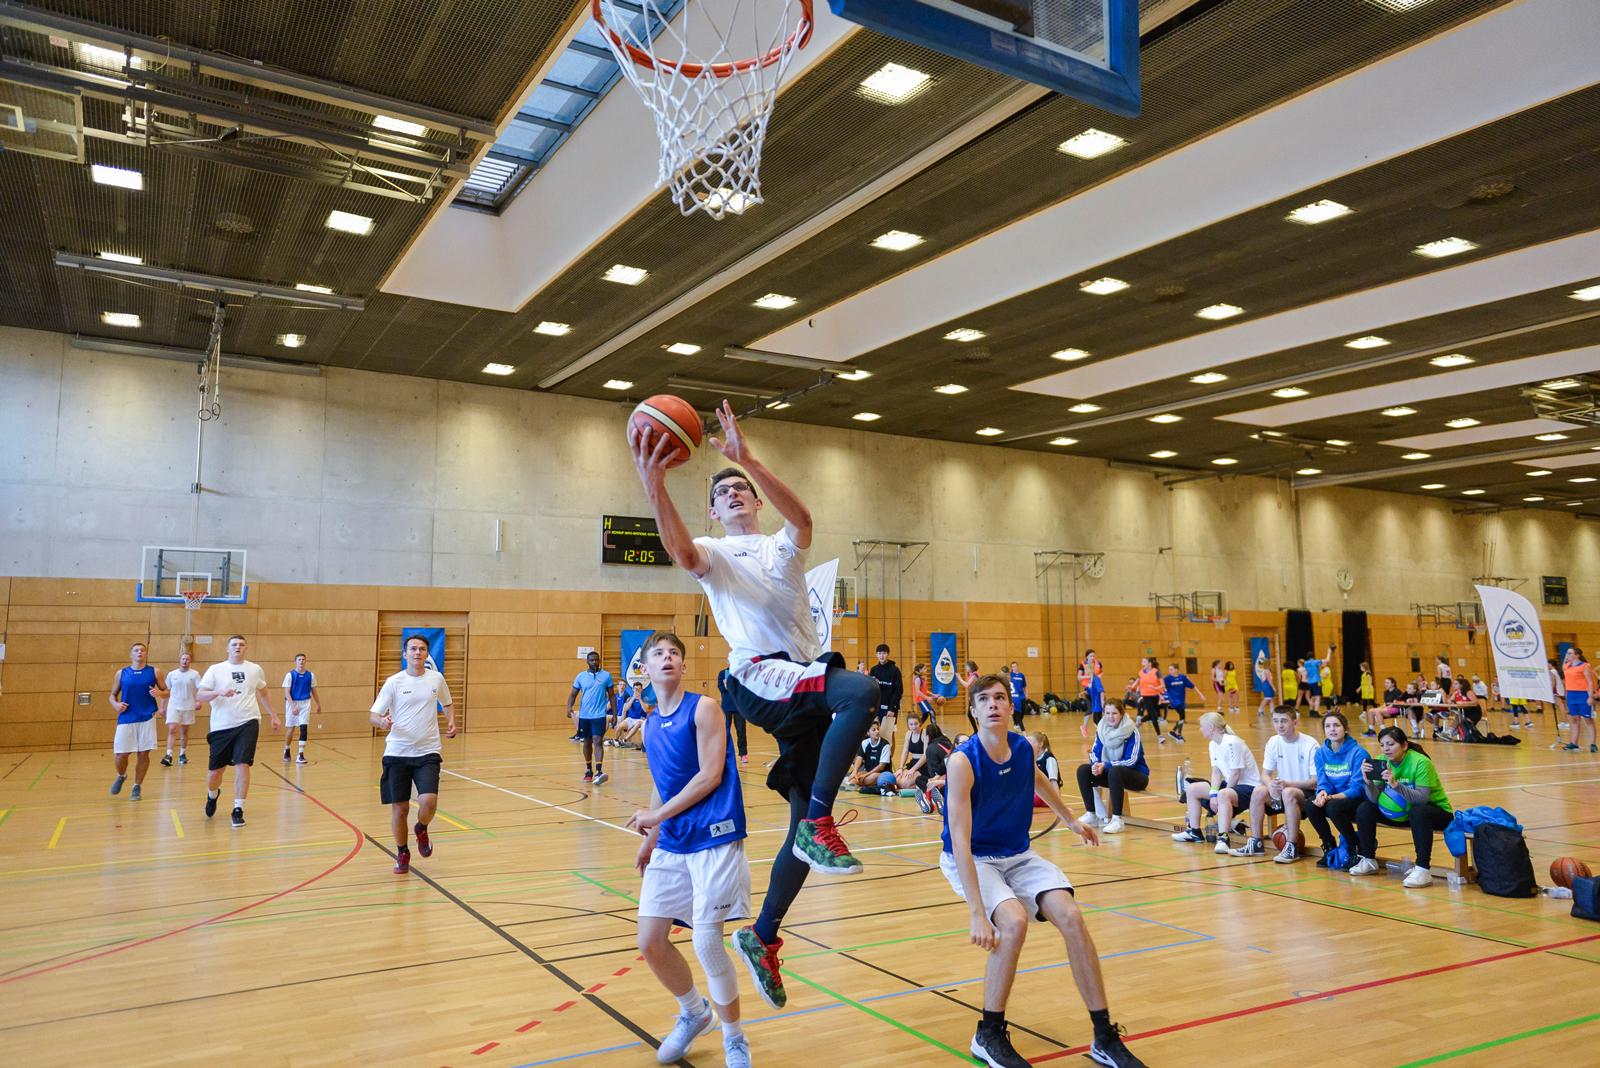 Unsere Azubi-/Studi-Basketballmannschaft